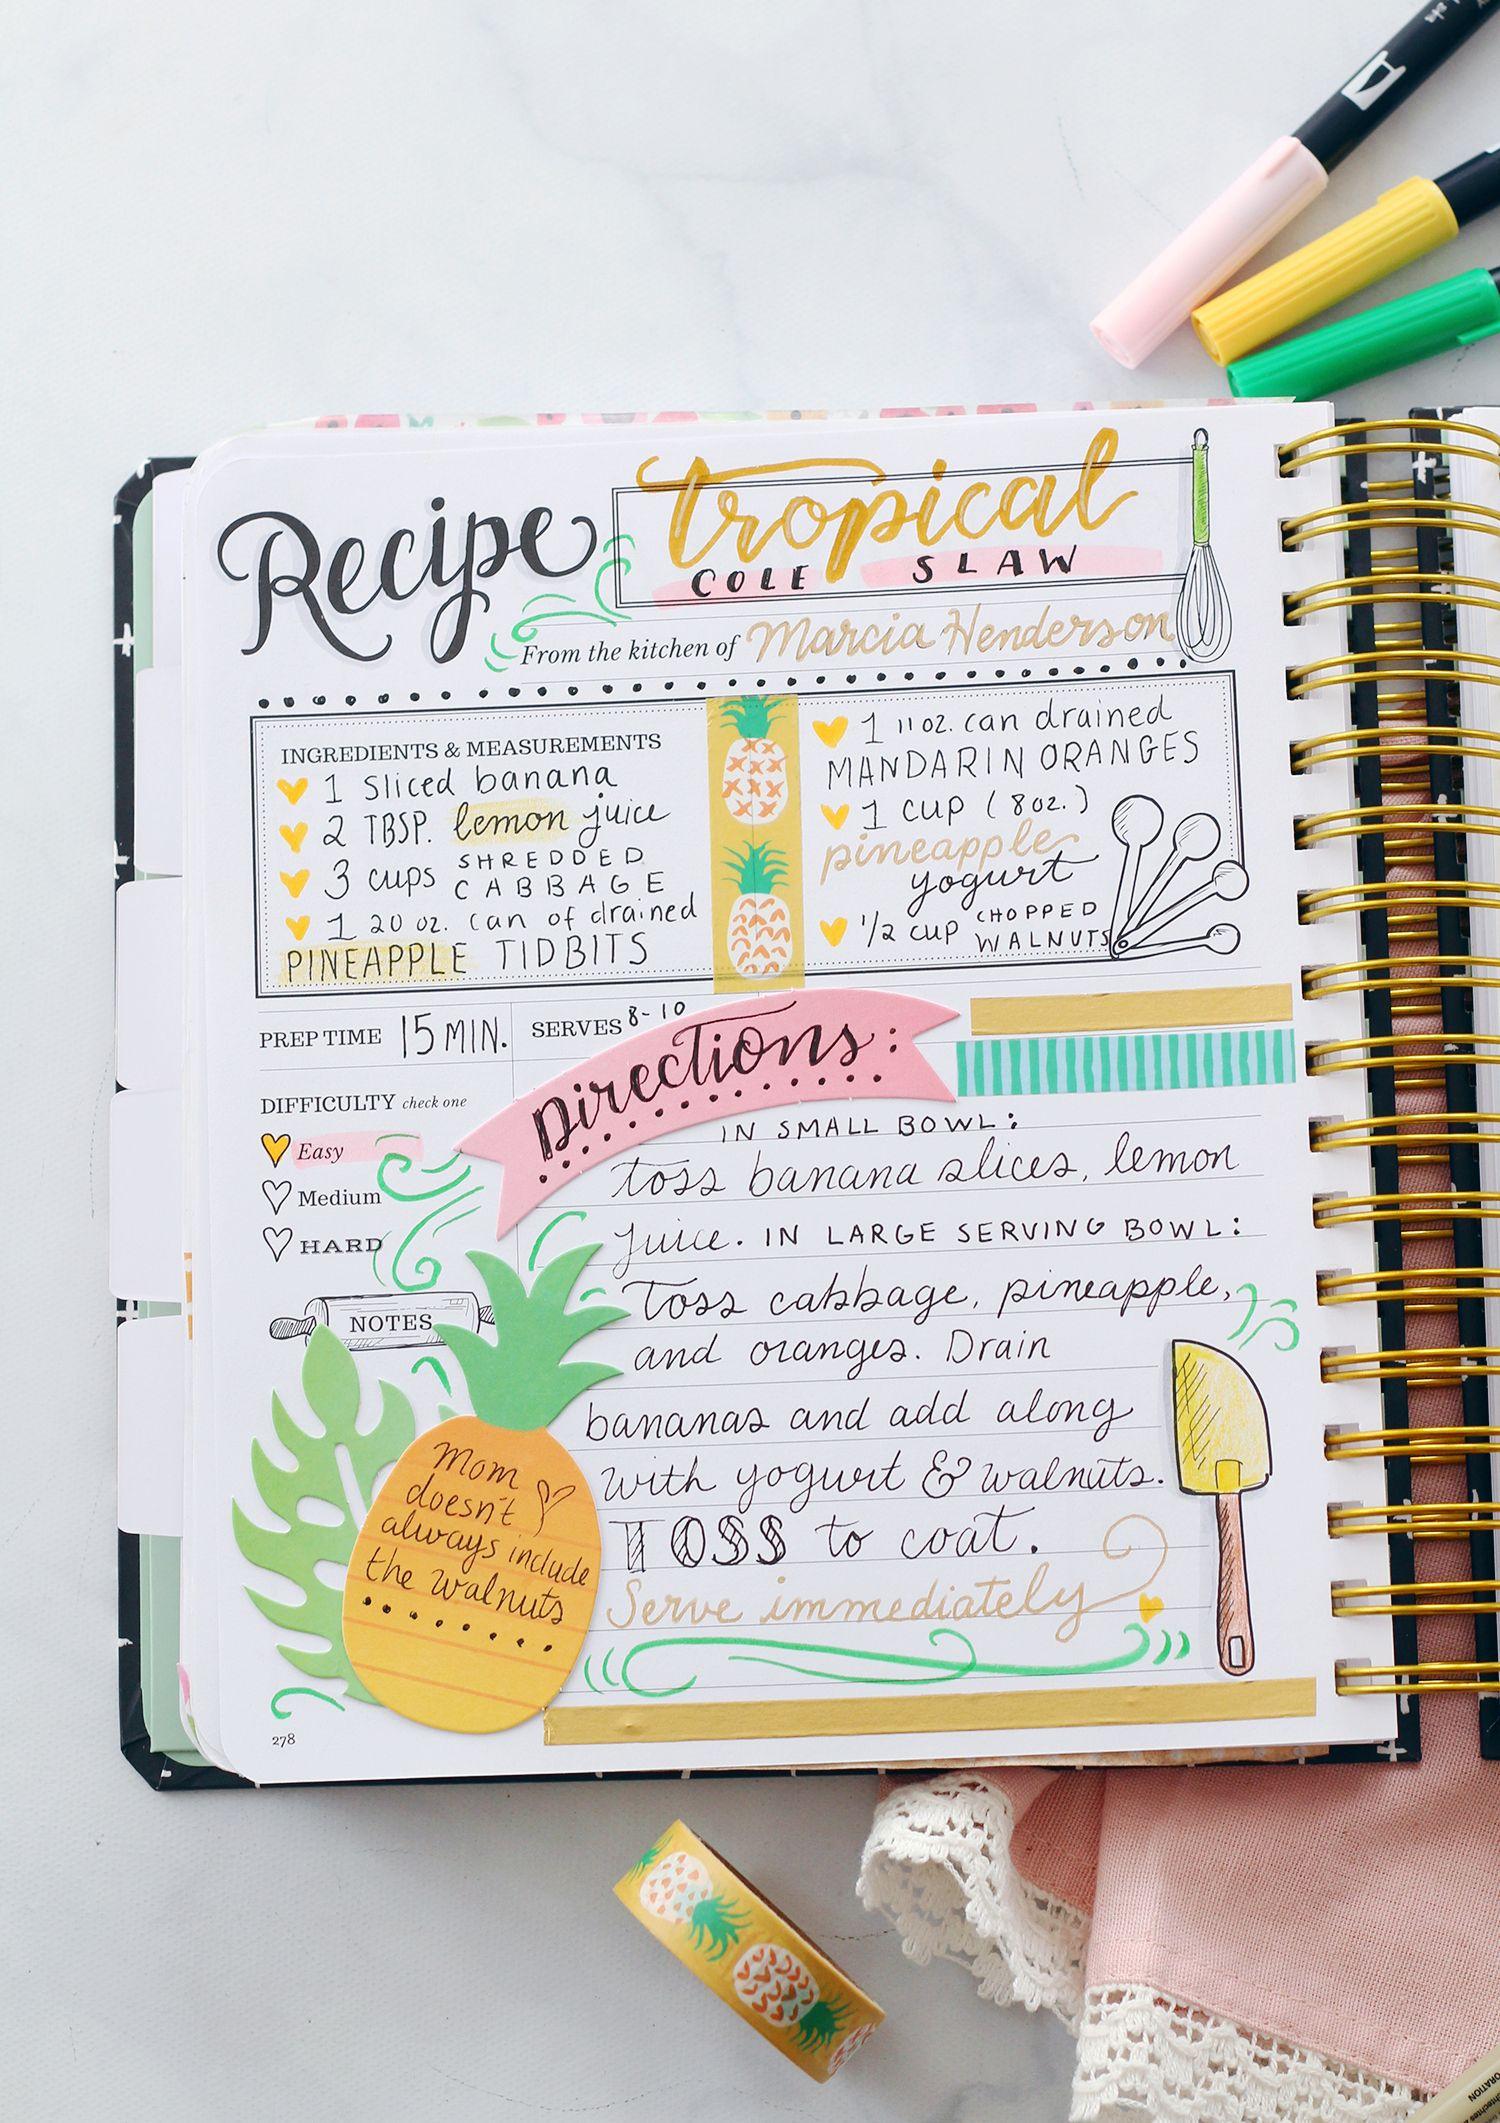 35 Beautiful Picture Of Scrapbook Cookbook Ideas How To Make Scrapbook Cookbook Ideas How To Make Cra Scrapbook Recipe Book Recipe Book Diy Recipe Book Design